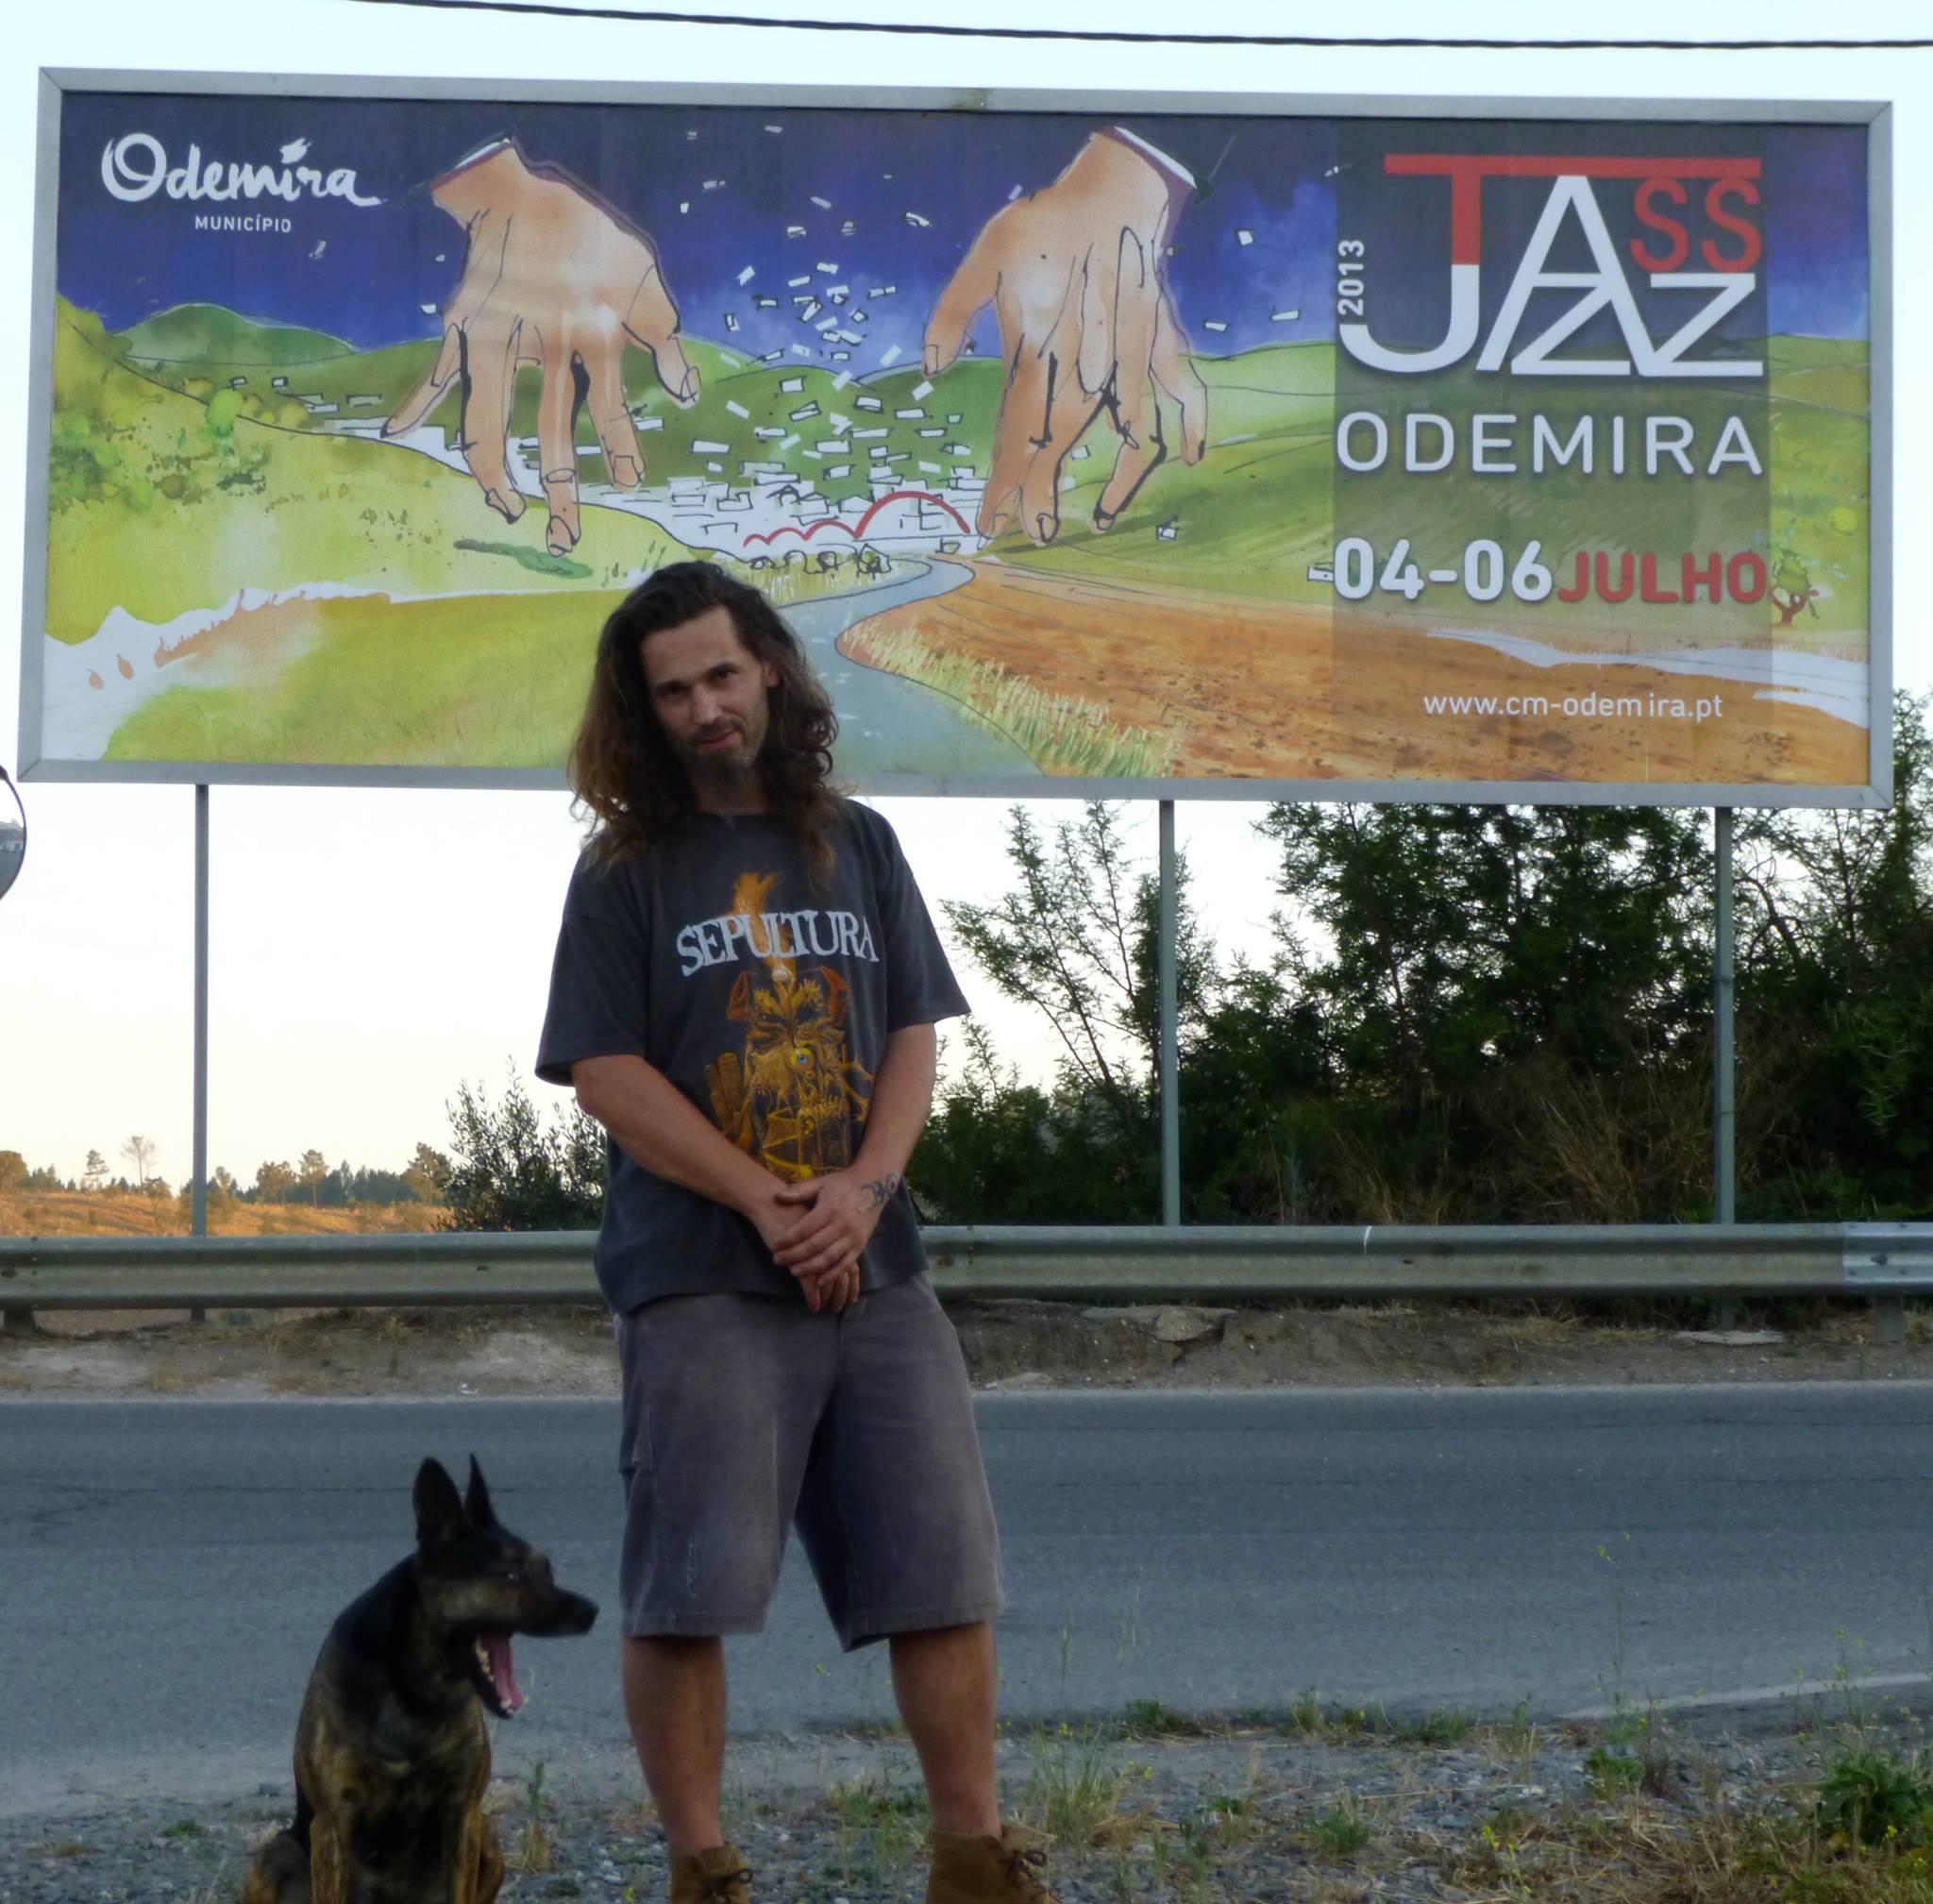 Tassjazz 2013 outdoor affiche